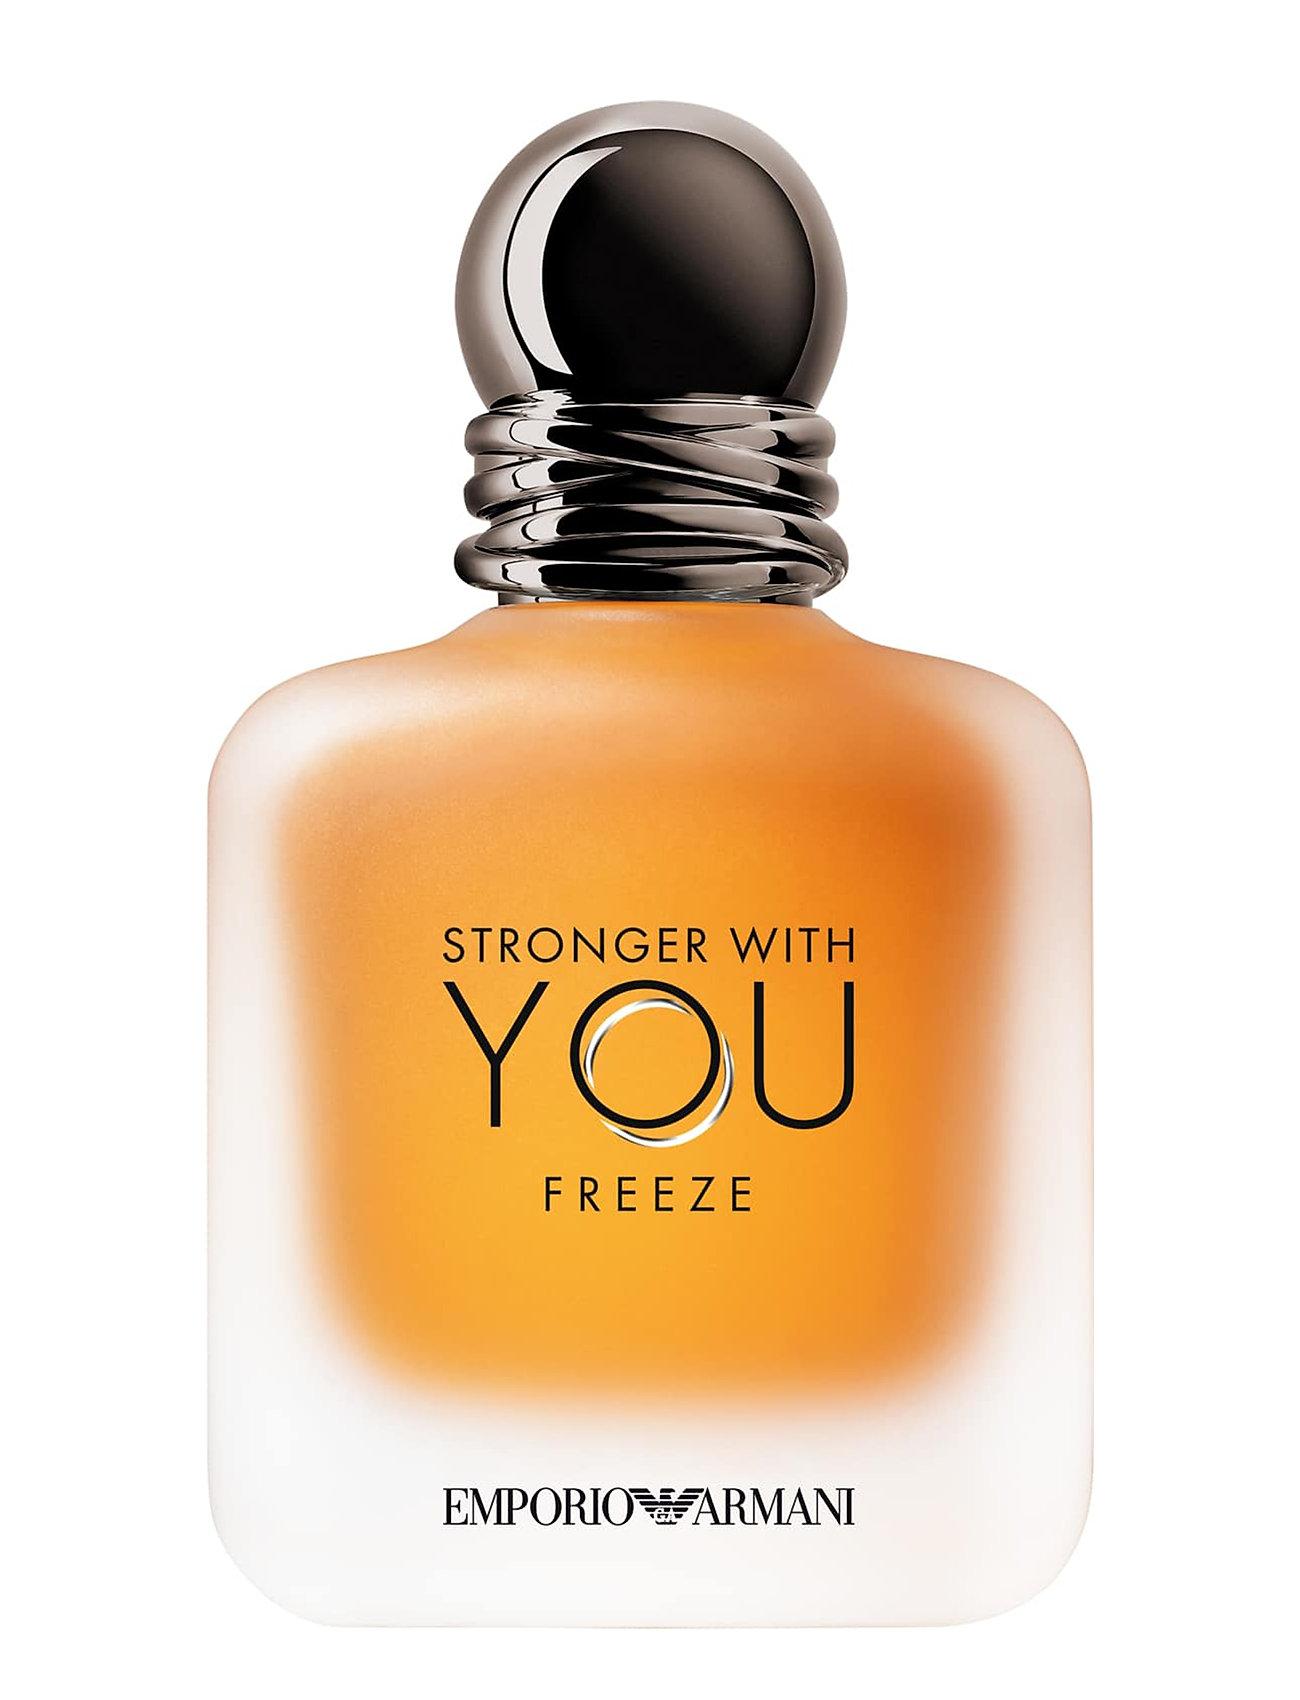 Giorgio Armani Ea Stronger With You Freeze Eau de Toilette - CLEAR